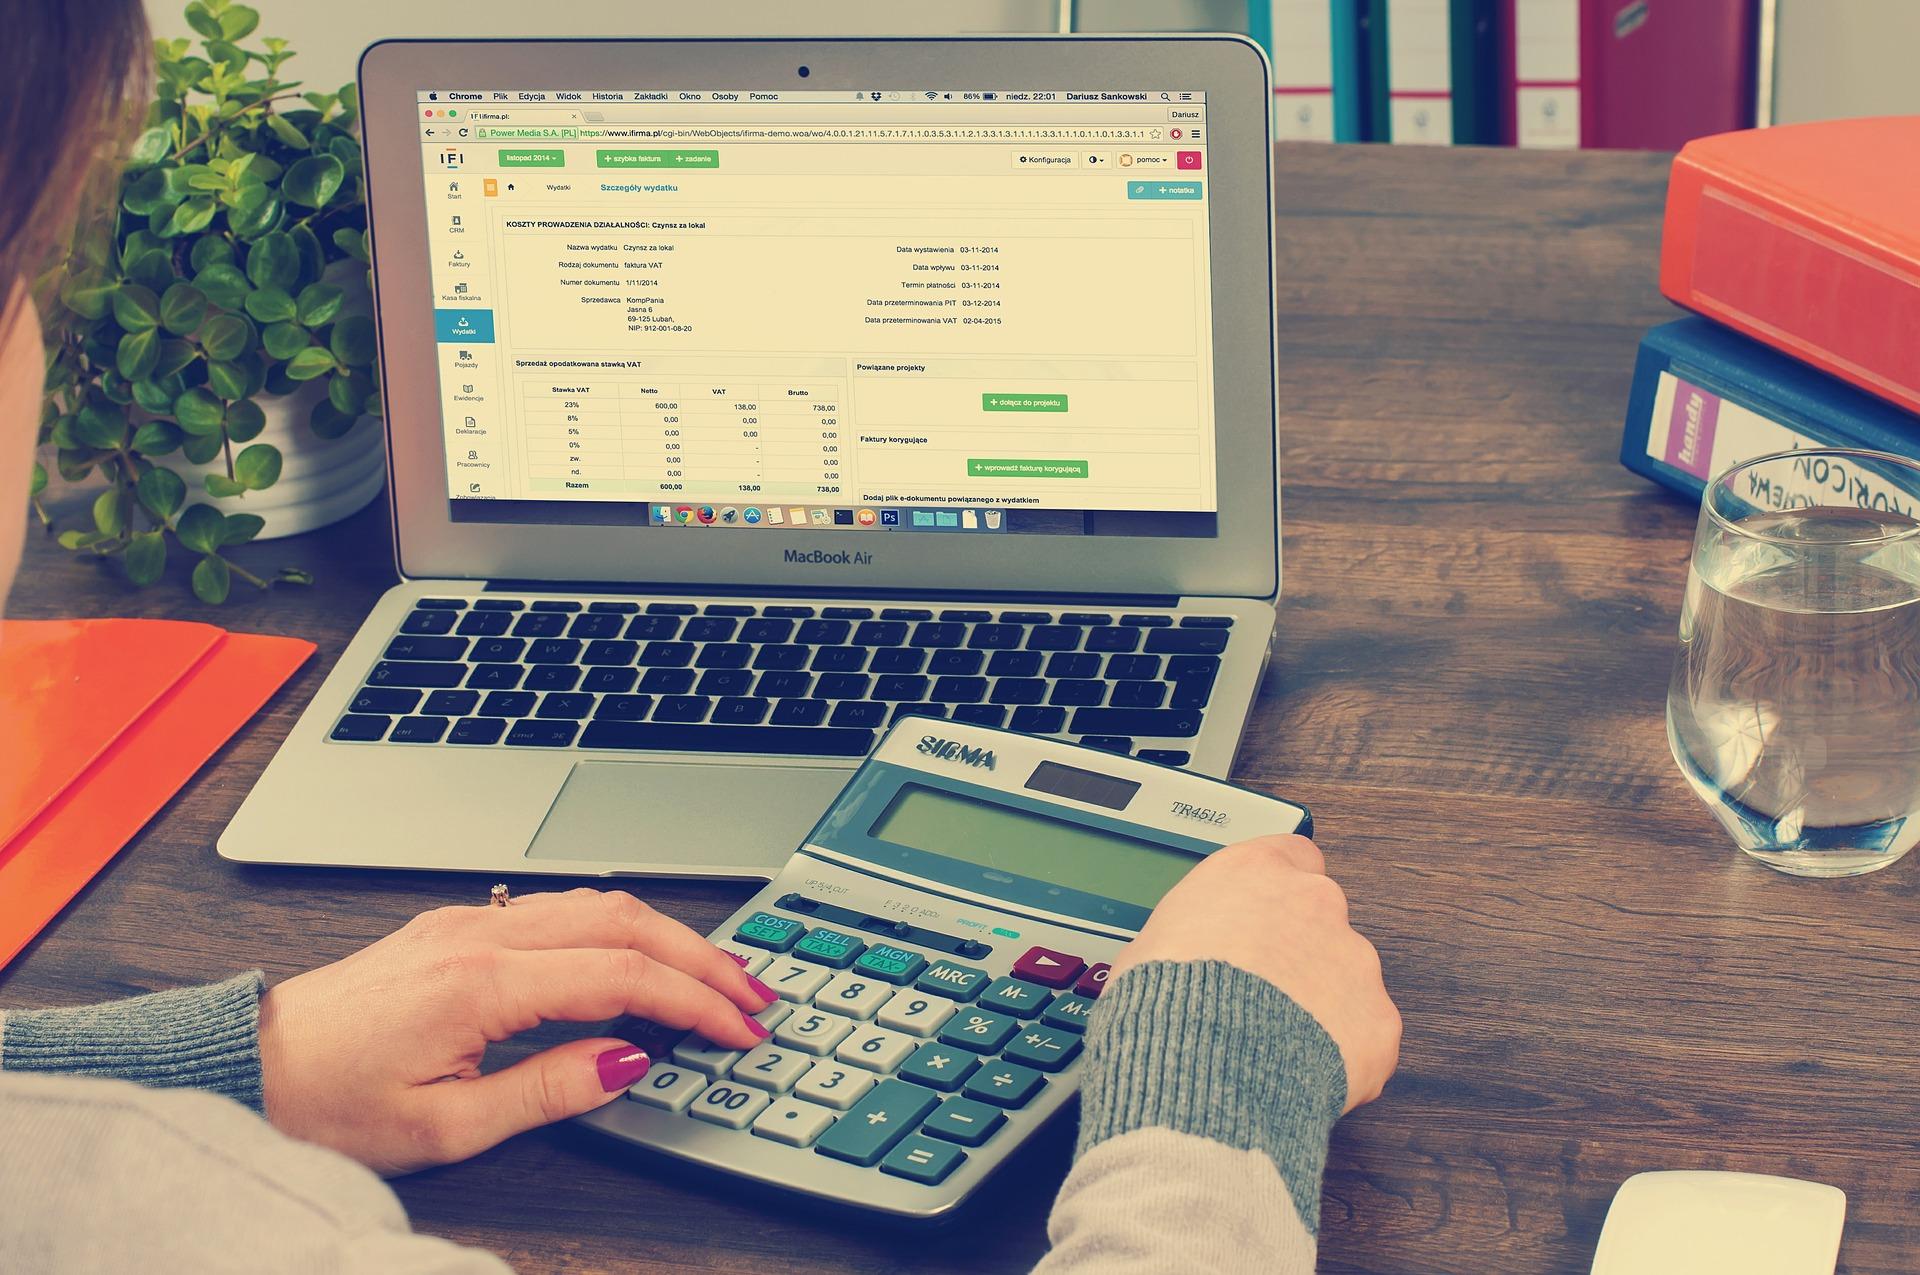 számológép és laptop